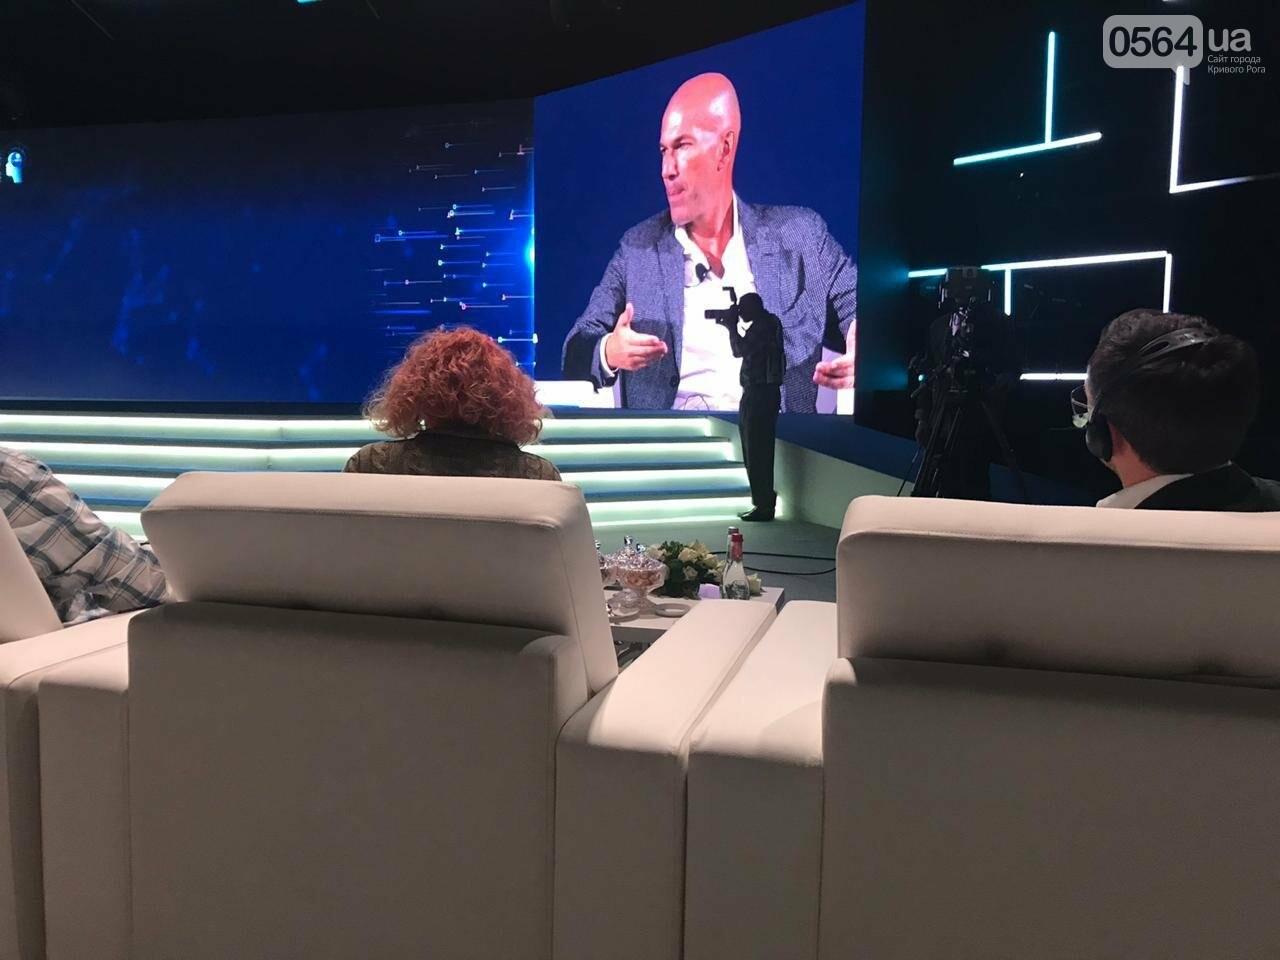 Впервые криворожанин выступил в Дубае с докладом на Конференции по использованию ИИ в спорте, - ФОТО, фото-1